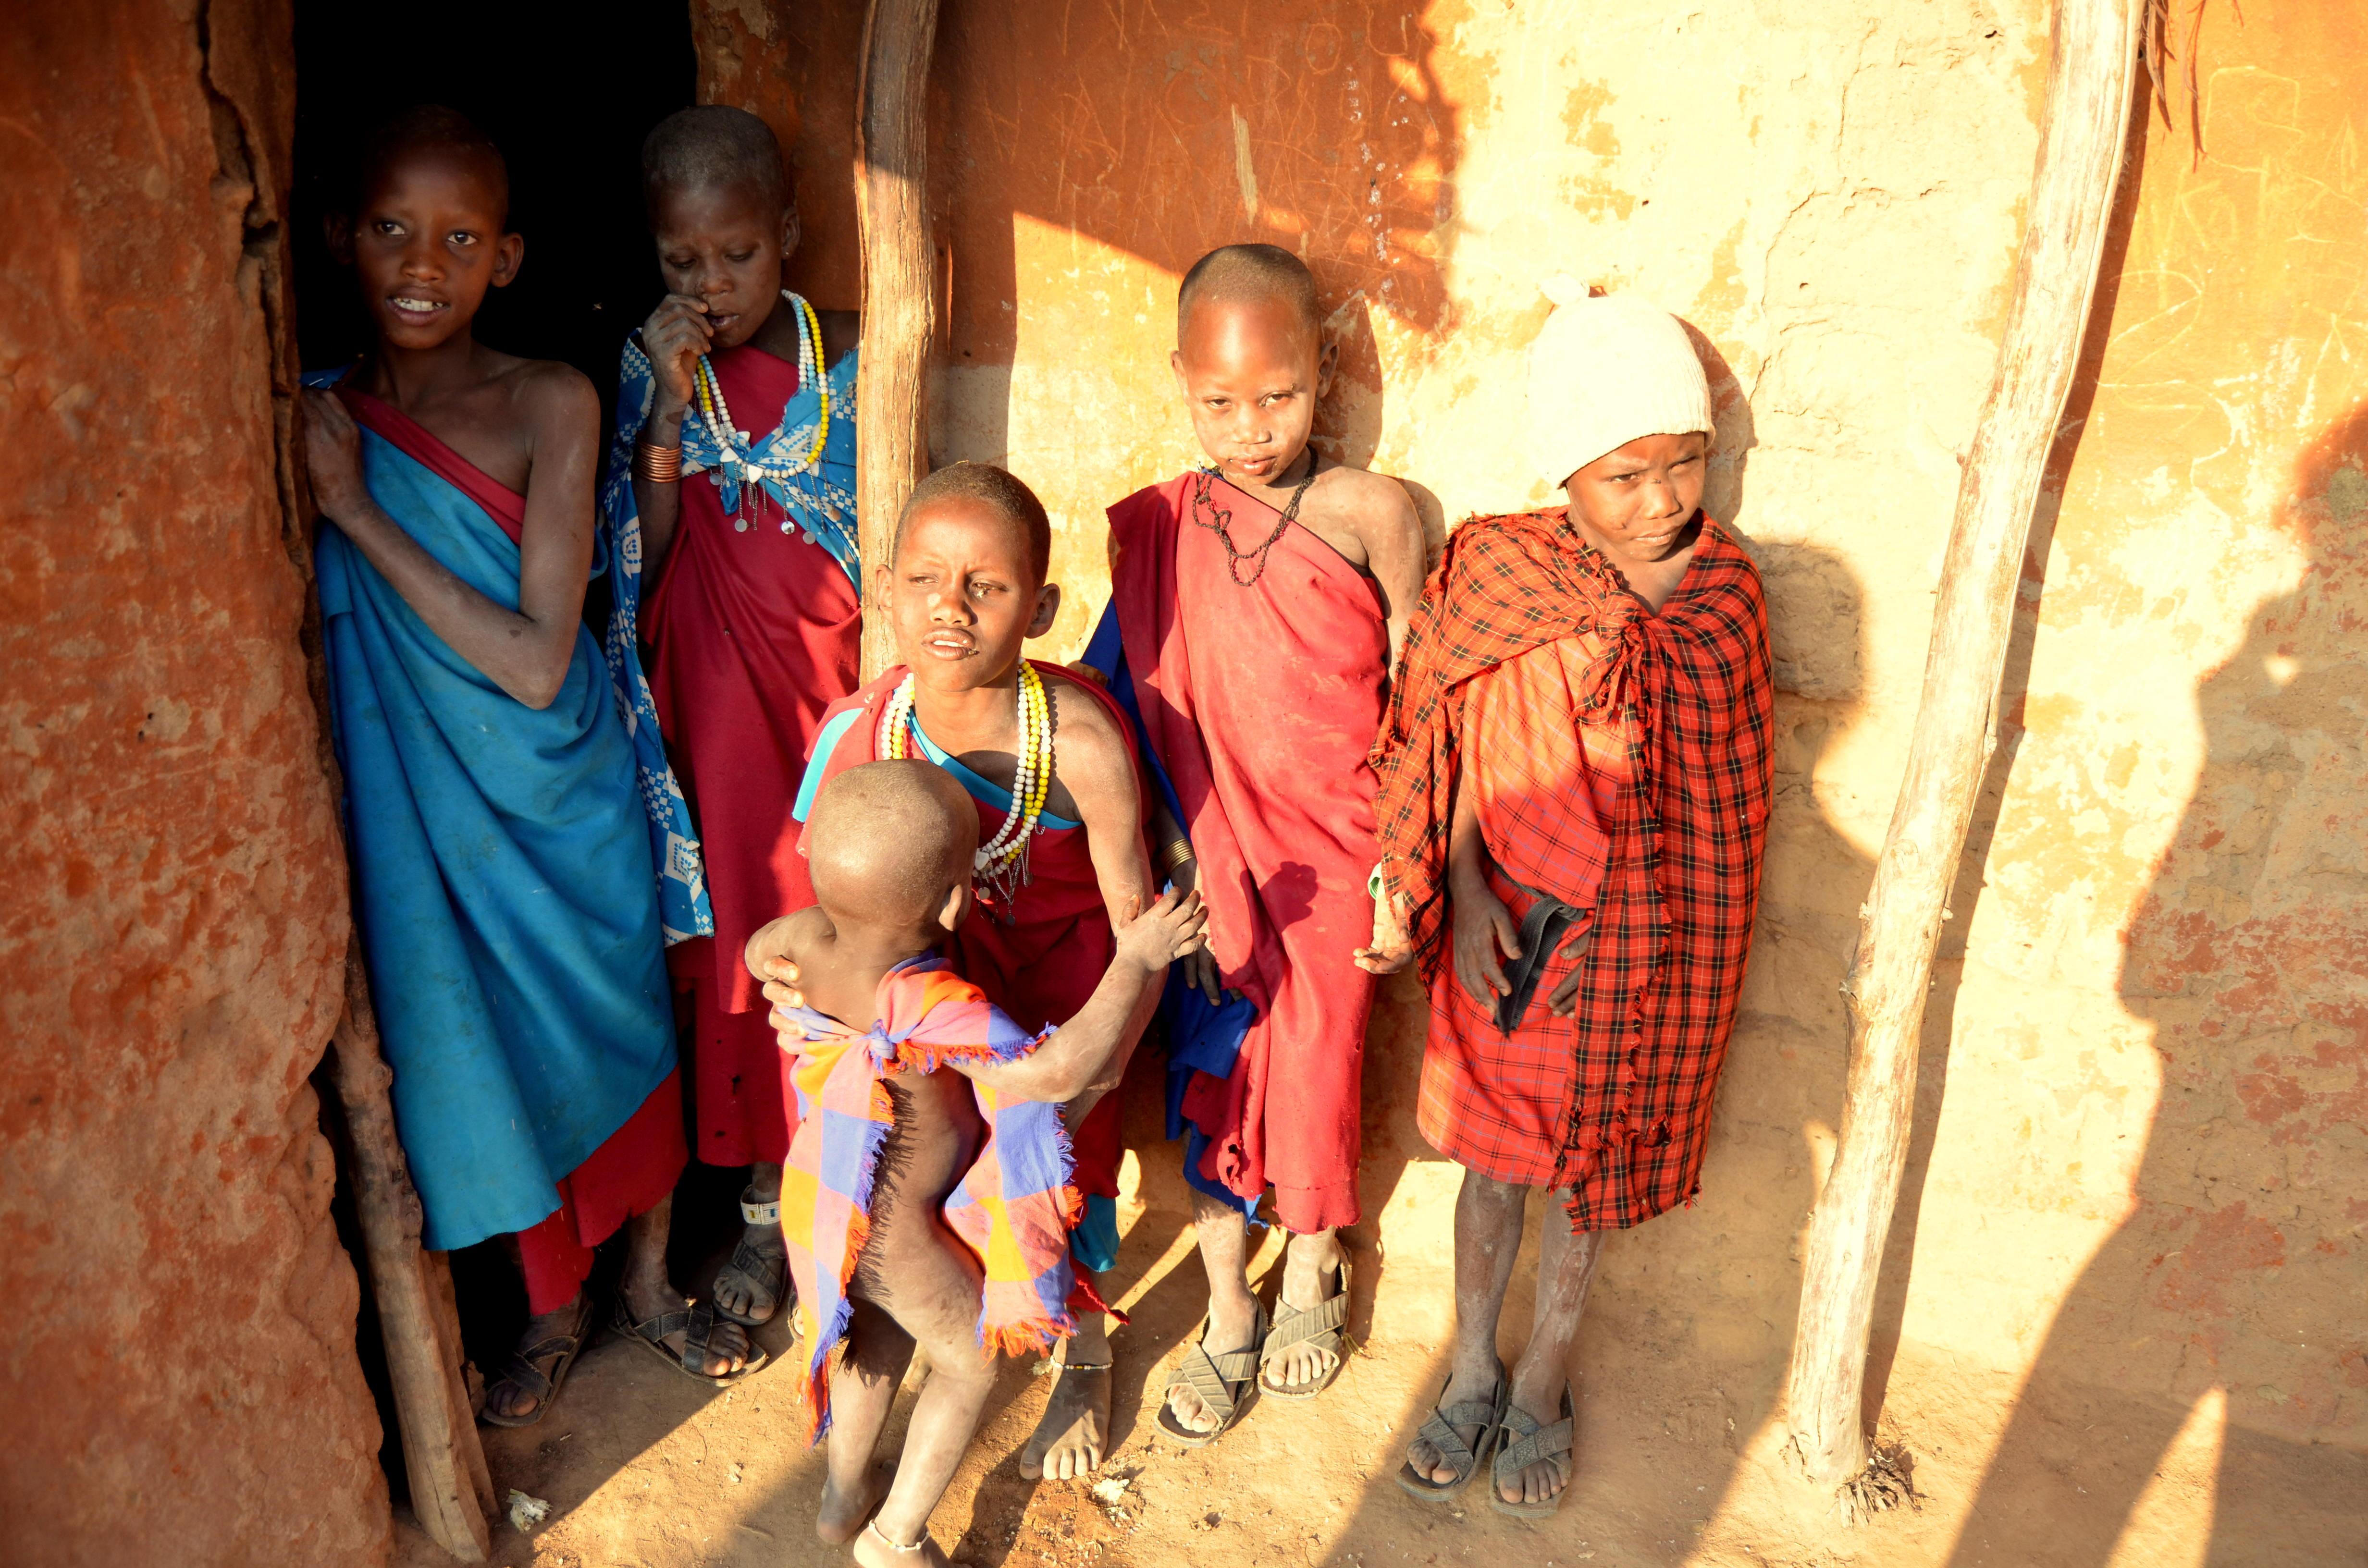 Masajské děti pózují u obydlí.